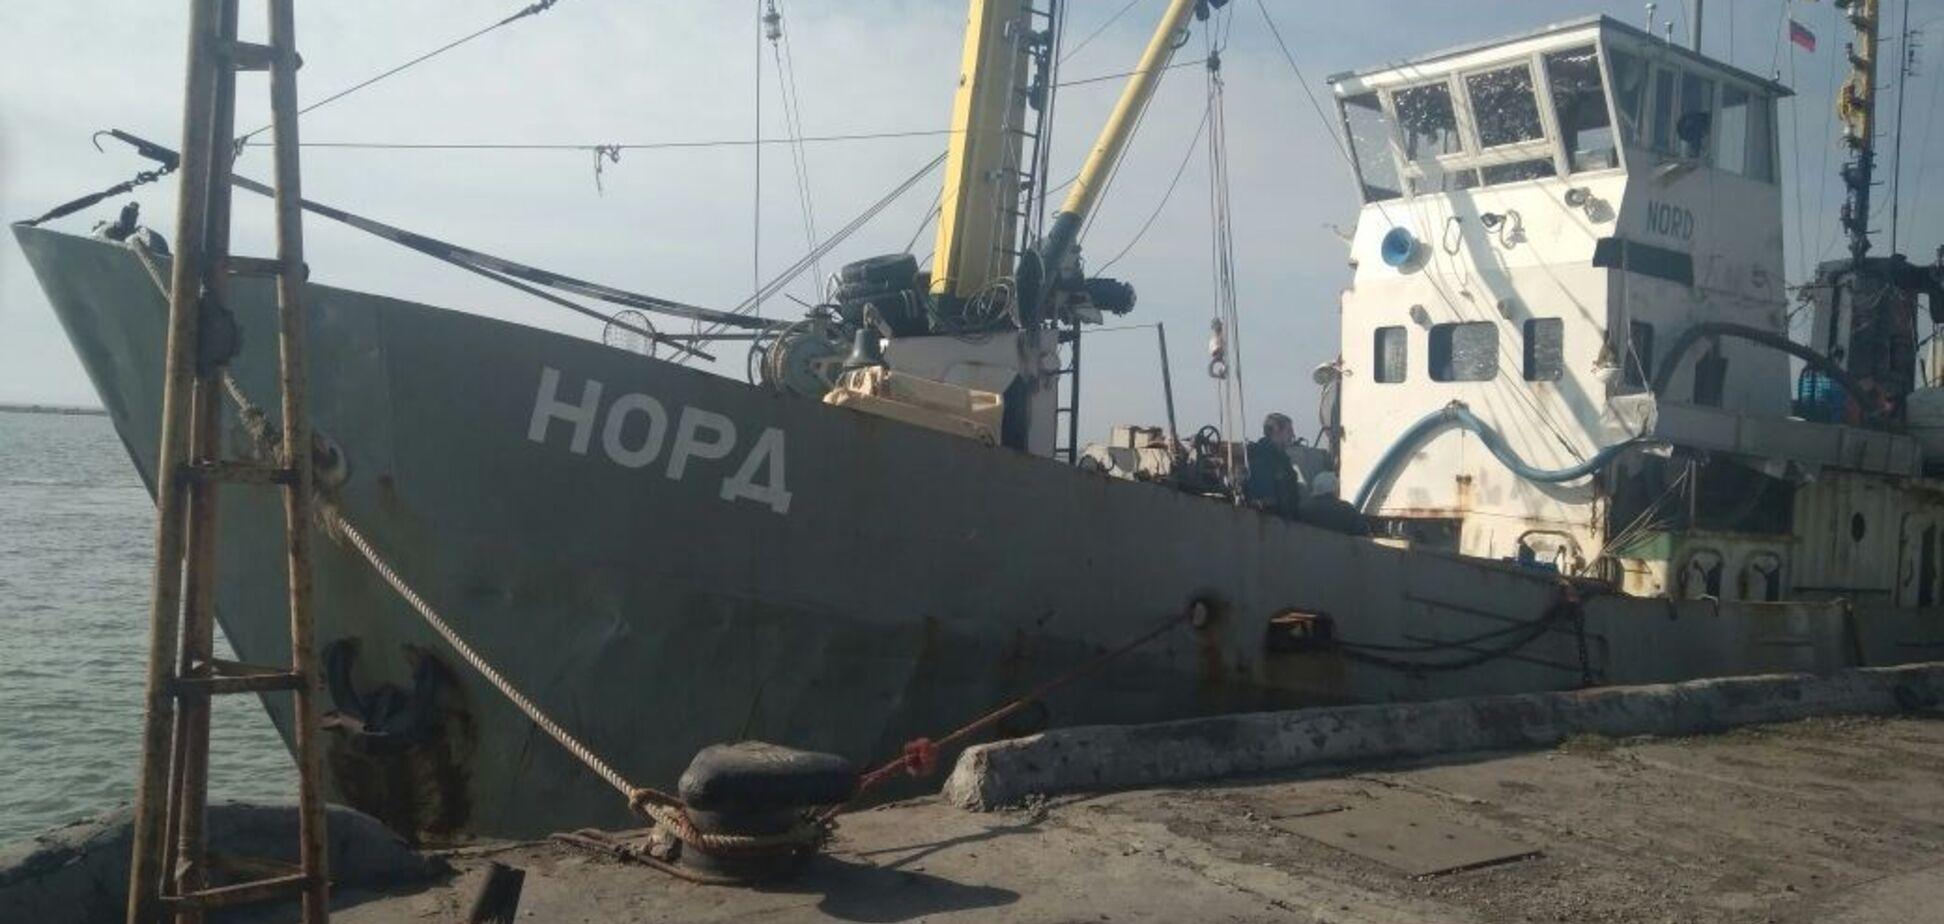 Затримання судна РФ в Україні: суд ухвалив рішення щодо капітана